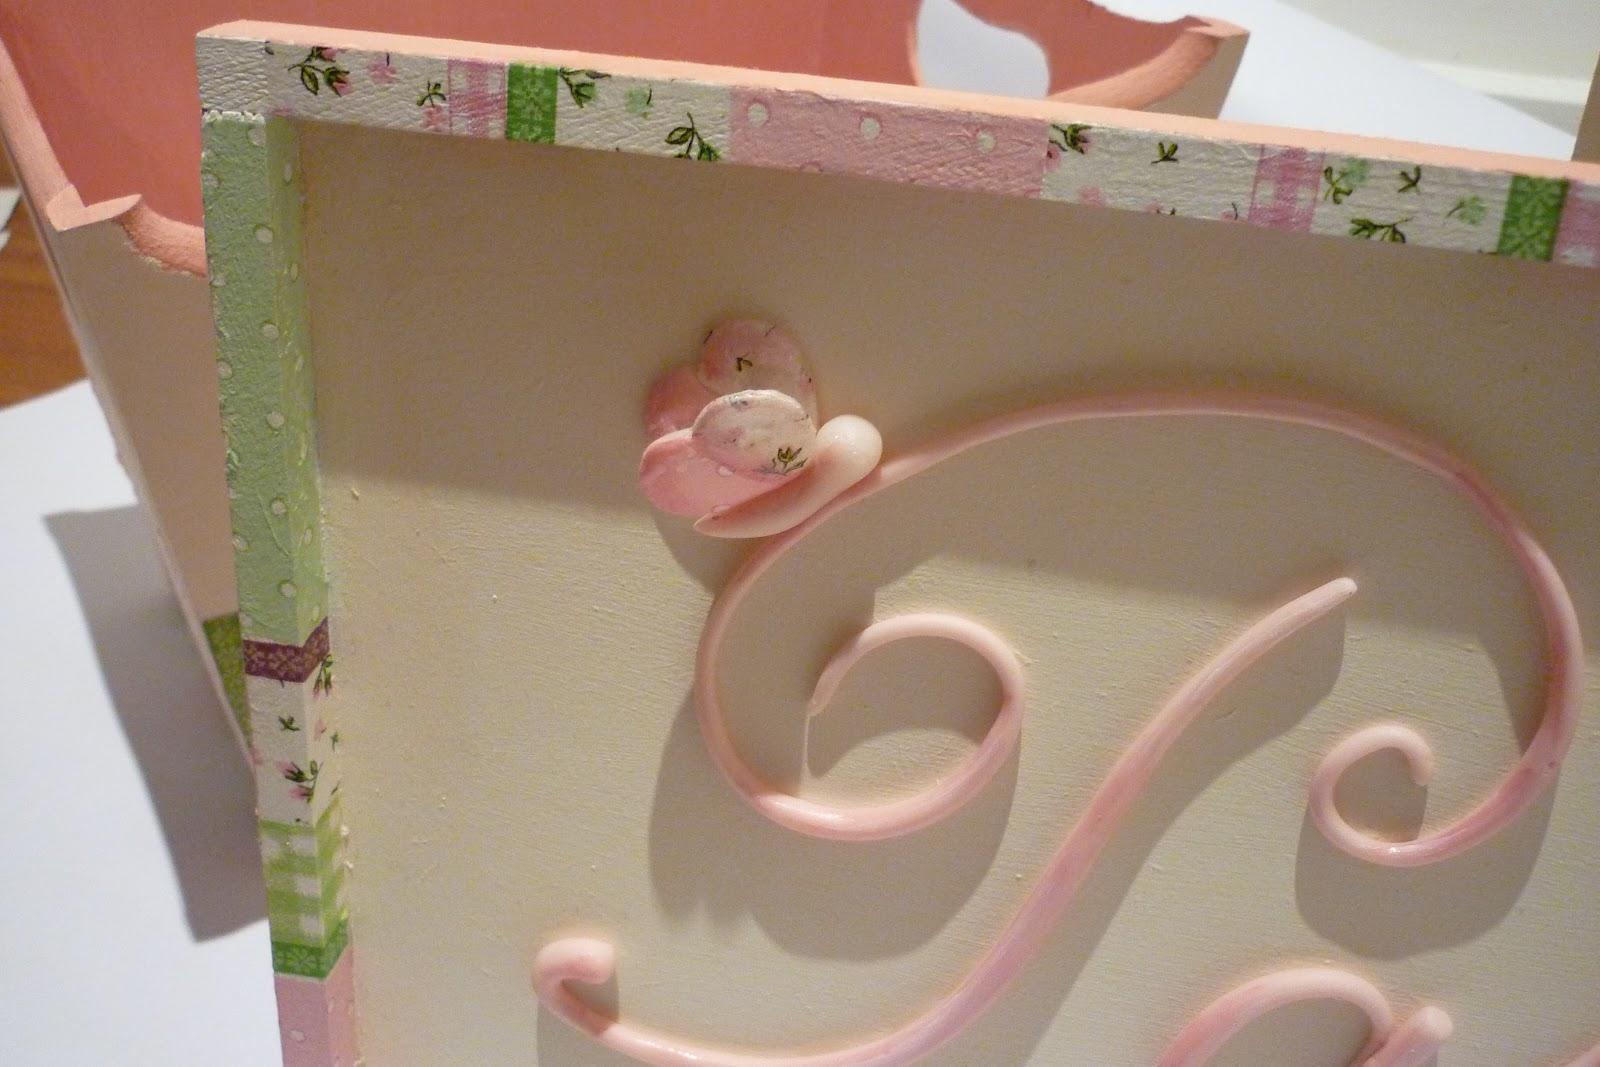 Manualidades lali set para los beb s - Bolas de madera para manualidades ...